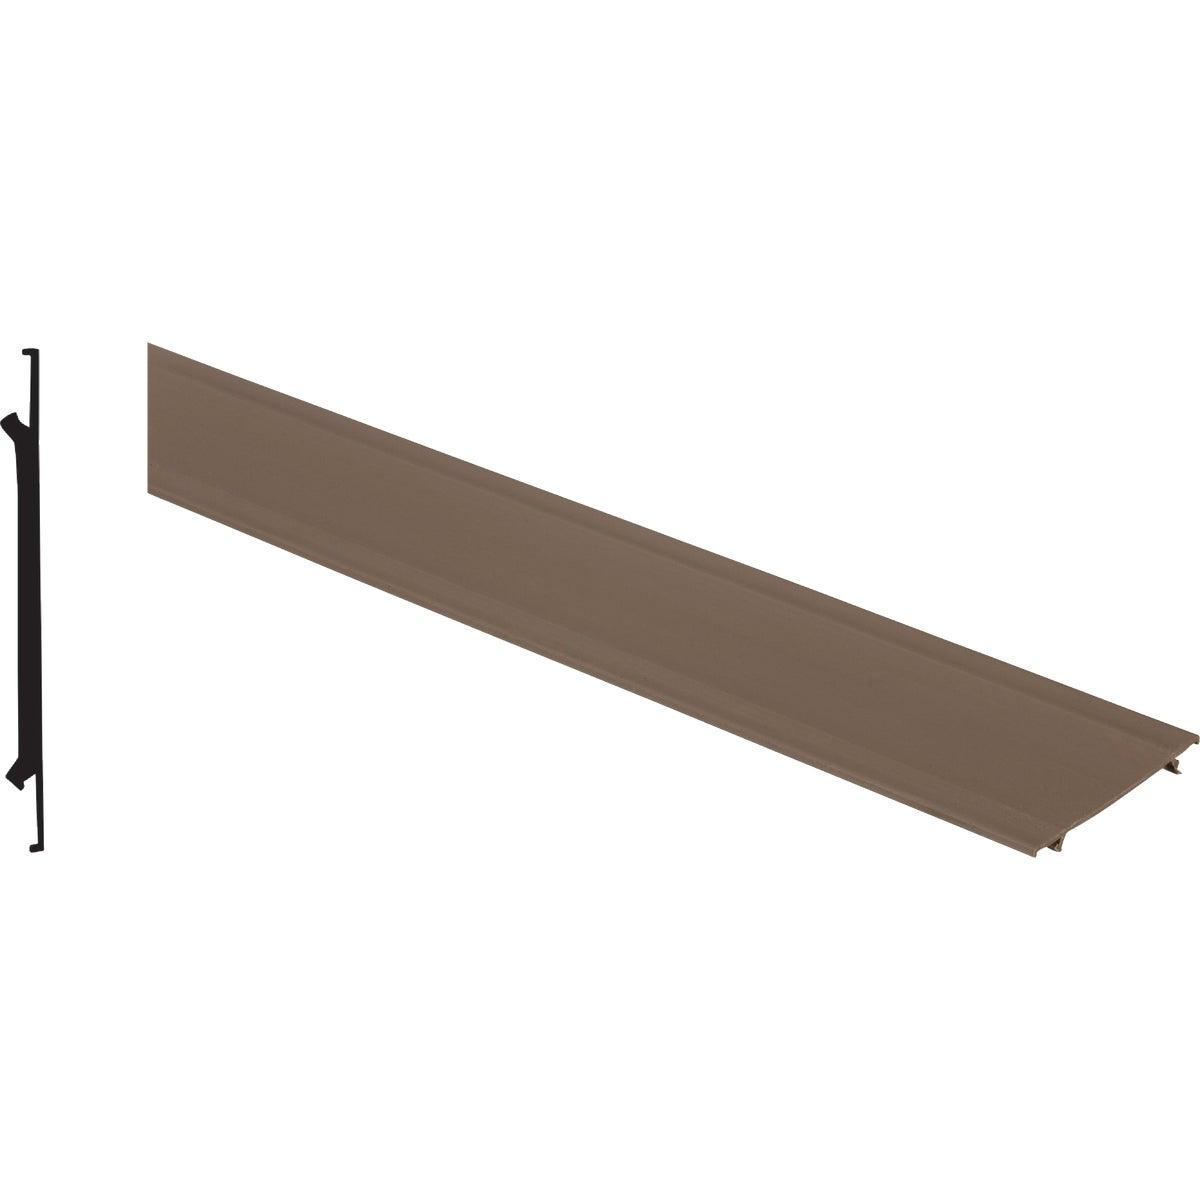 Screen-Tight Cap Component